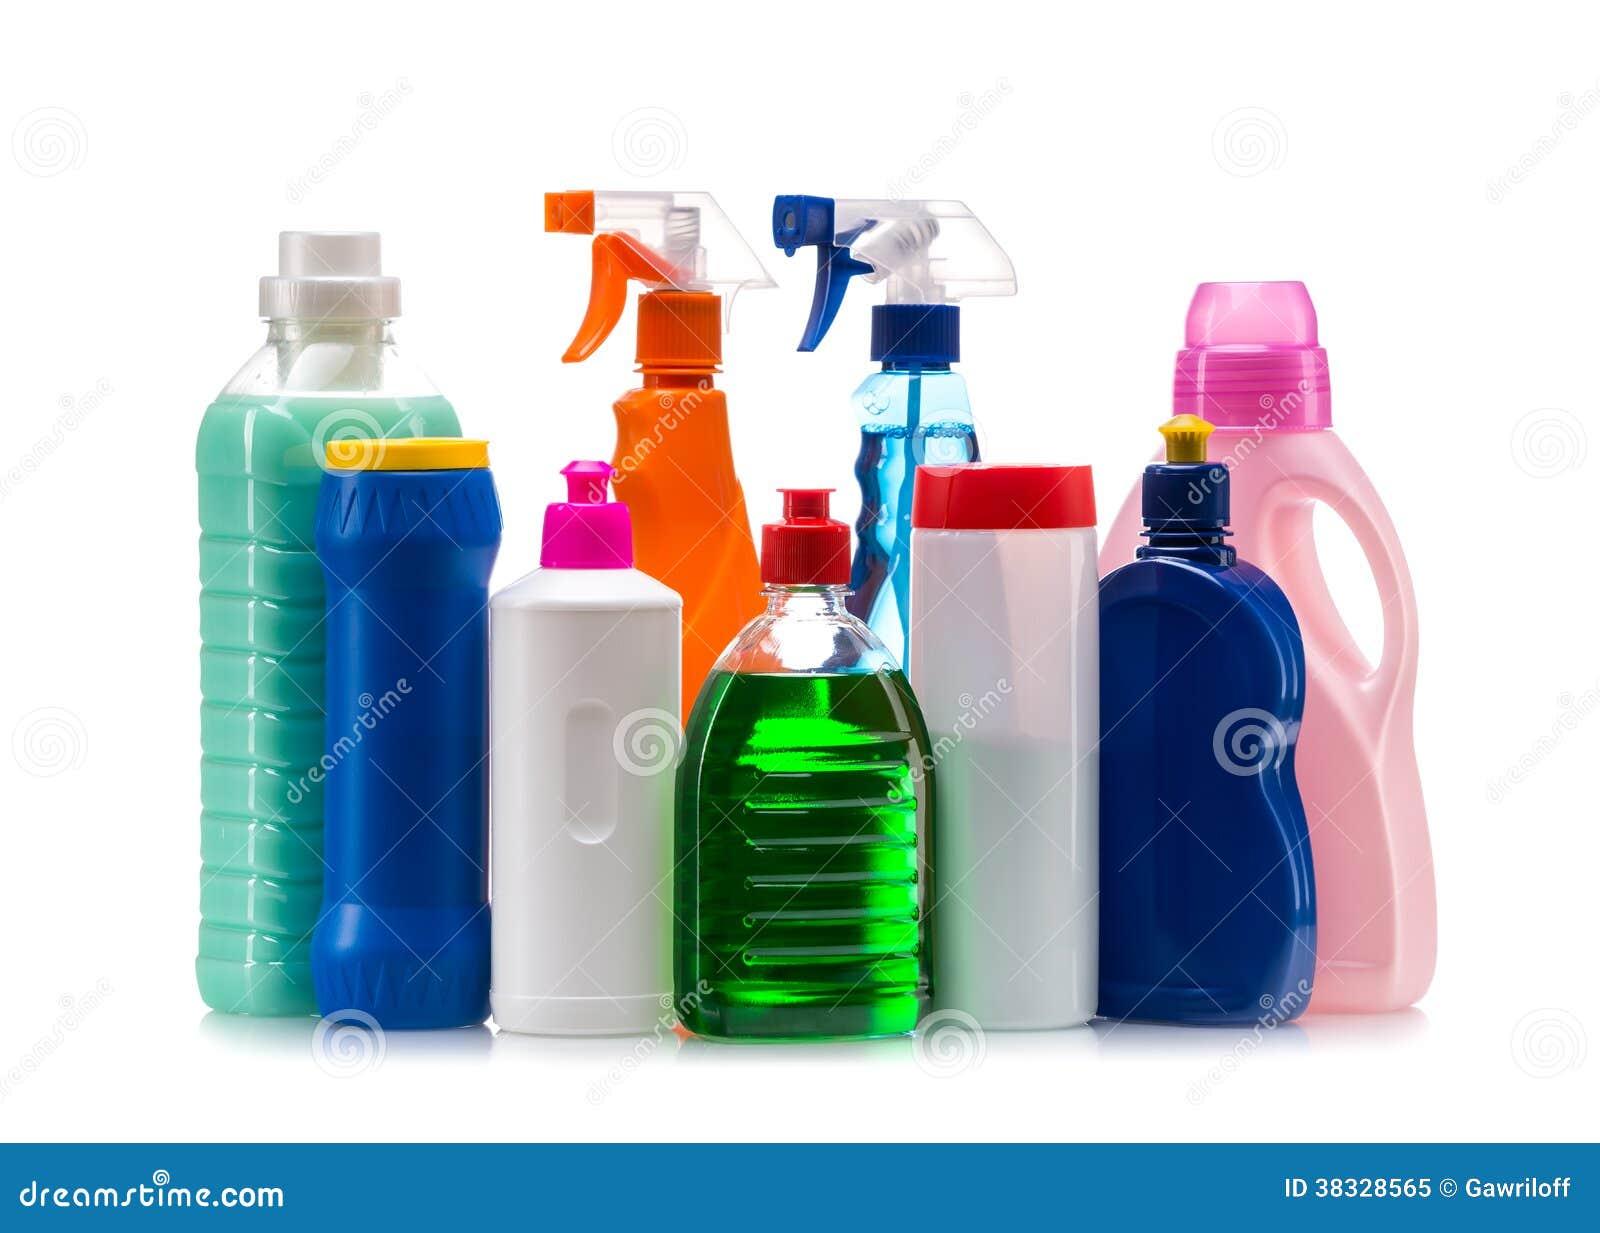 Envase de pl stico del producto de limpieza para la casa - Imagenes de limpieza de casas ...